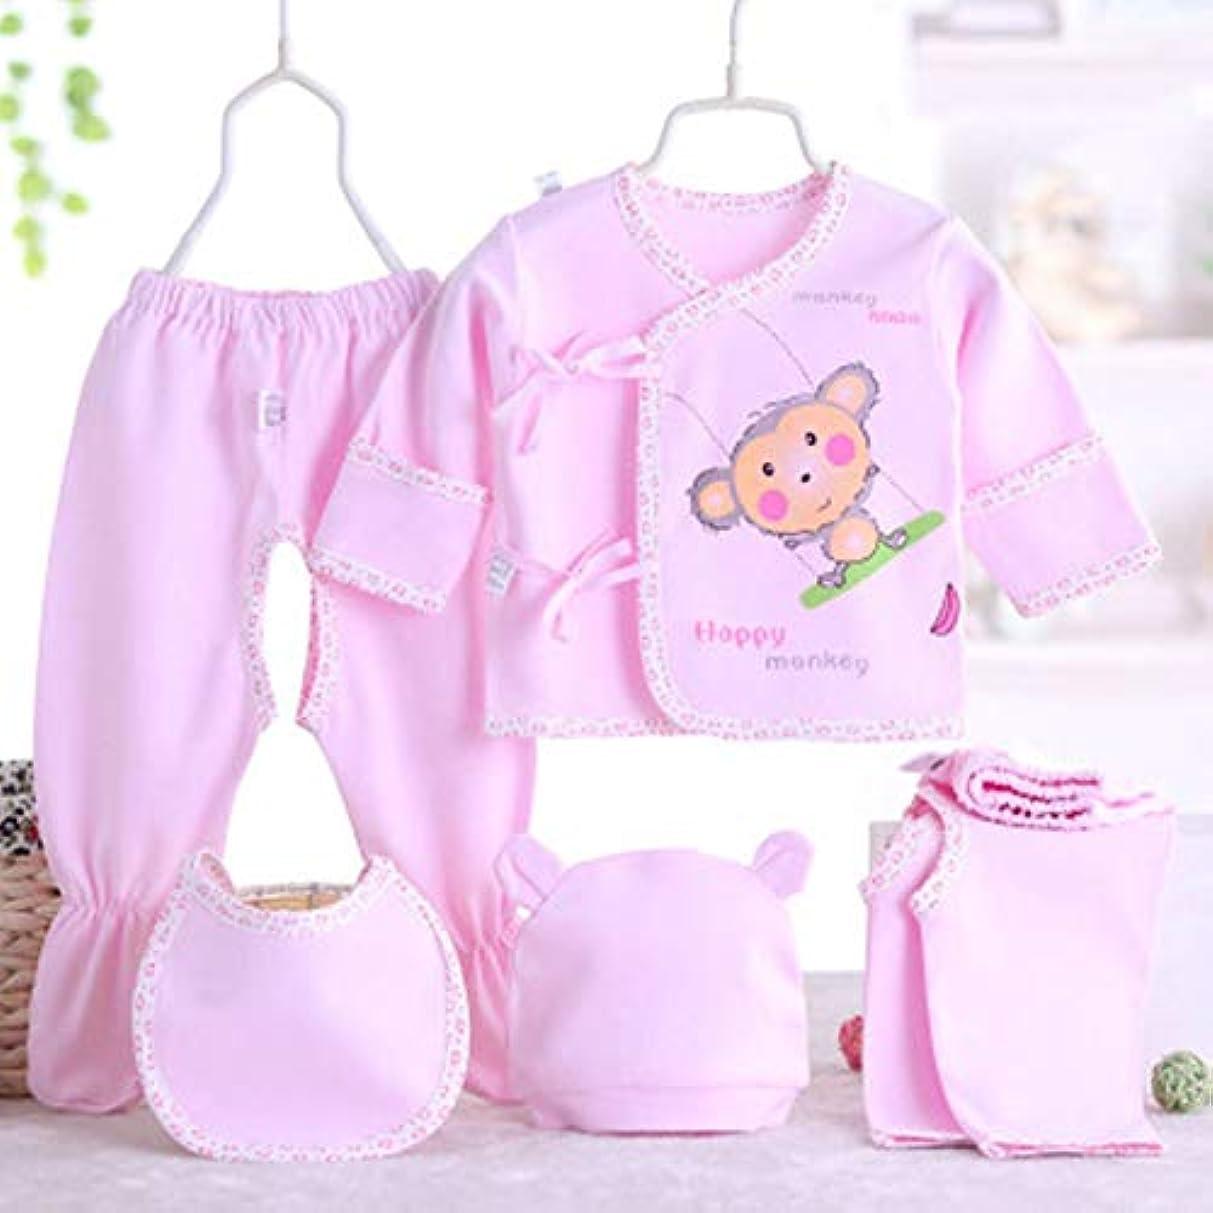 自信があるなかなか節約ベビーギフト用の箱服冬の新生児用ギフトセット秋と冬の新生児用ベビー用品 D